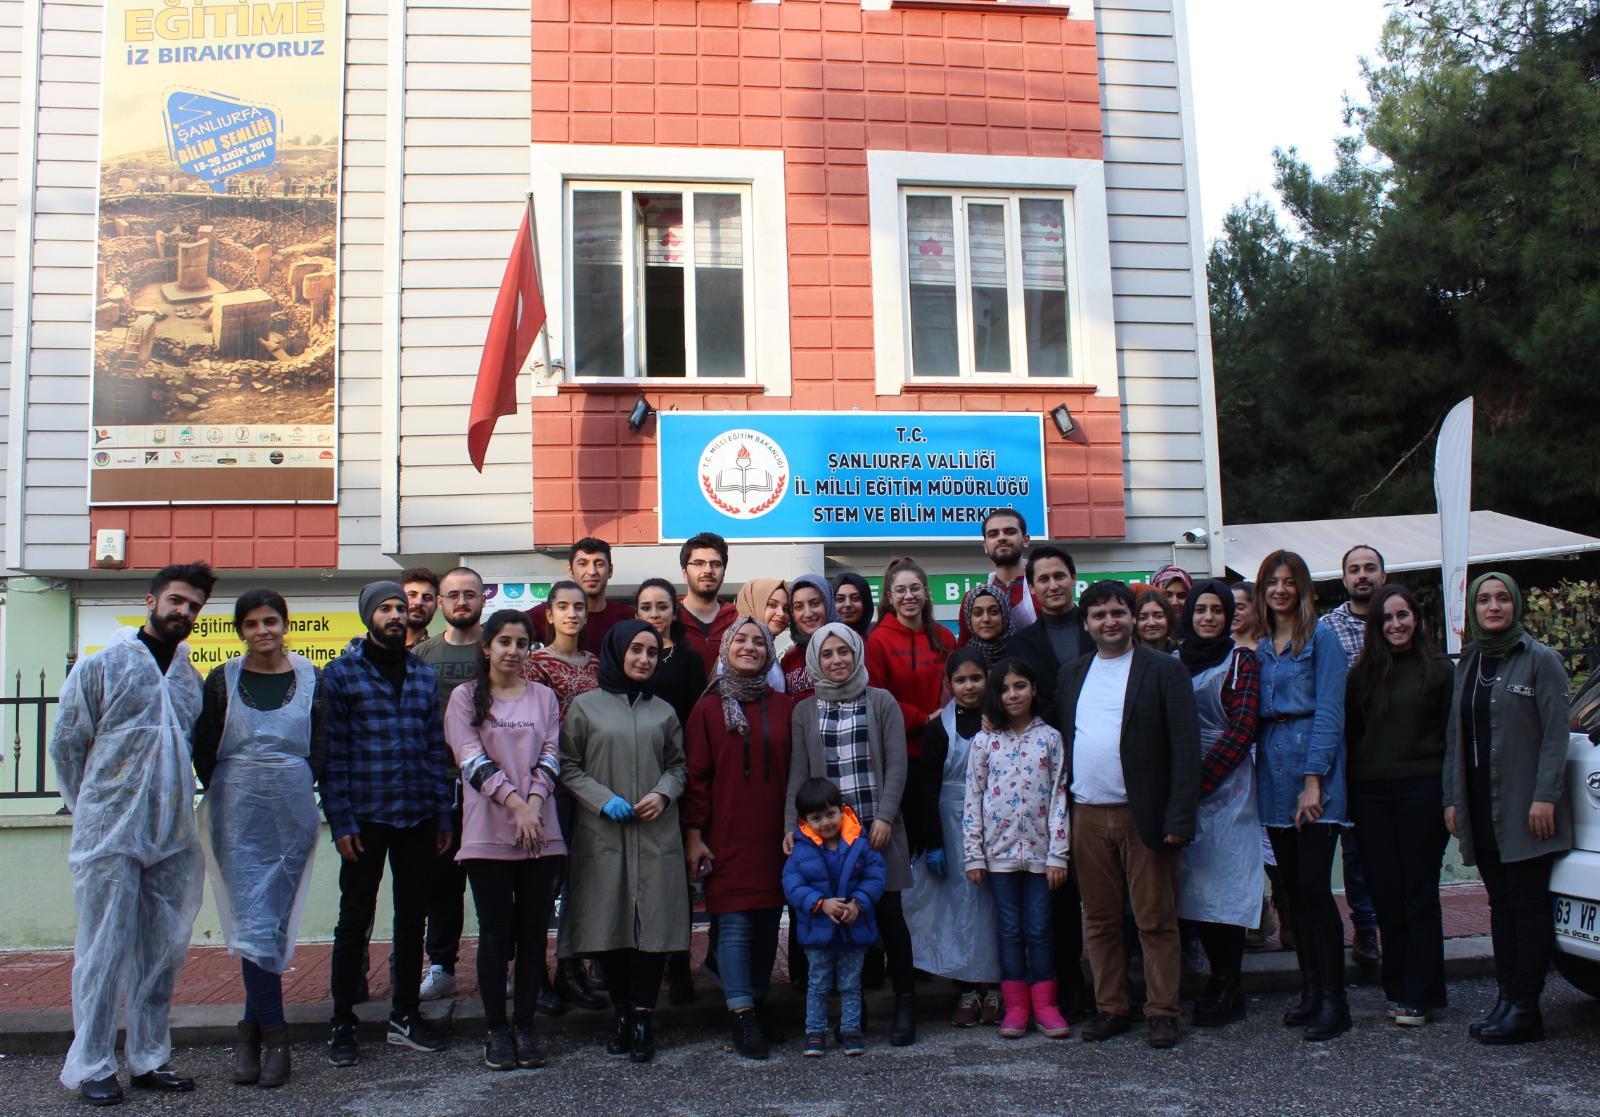 Harran Üniversitesi Öğrencilerinden Sosyal Sorumluluk Etkinliği